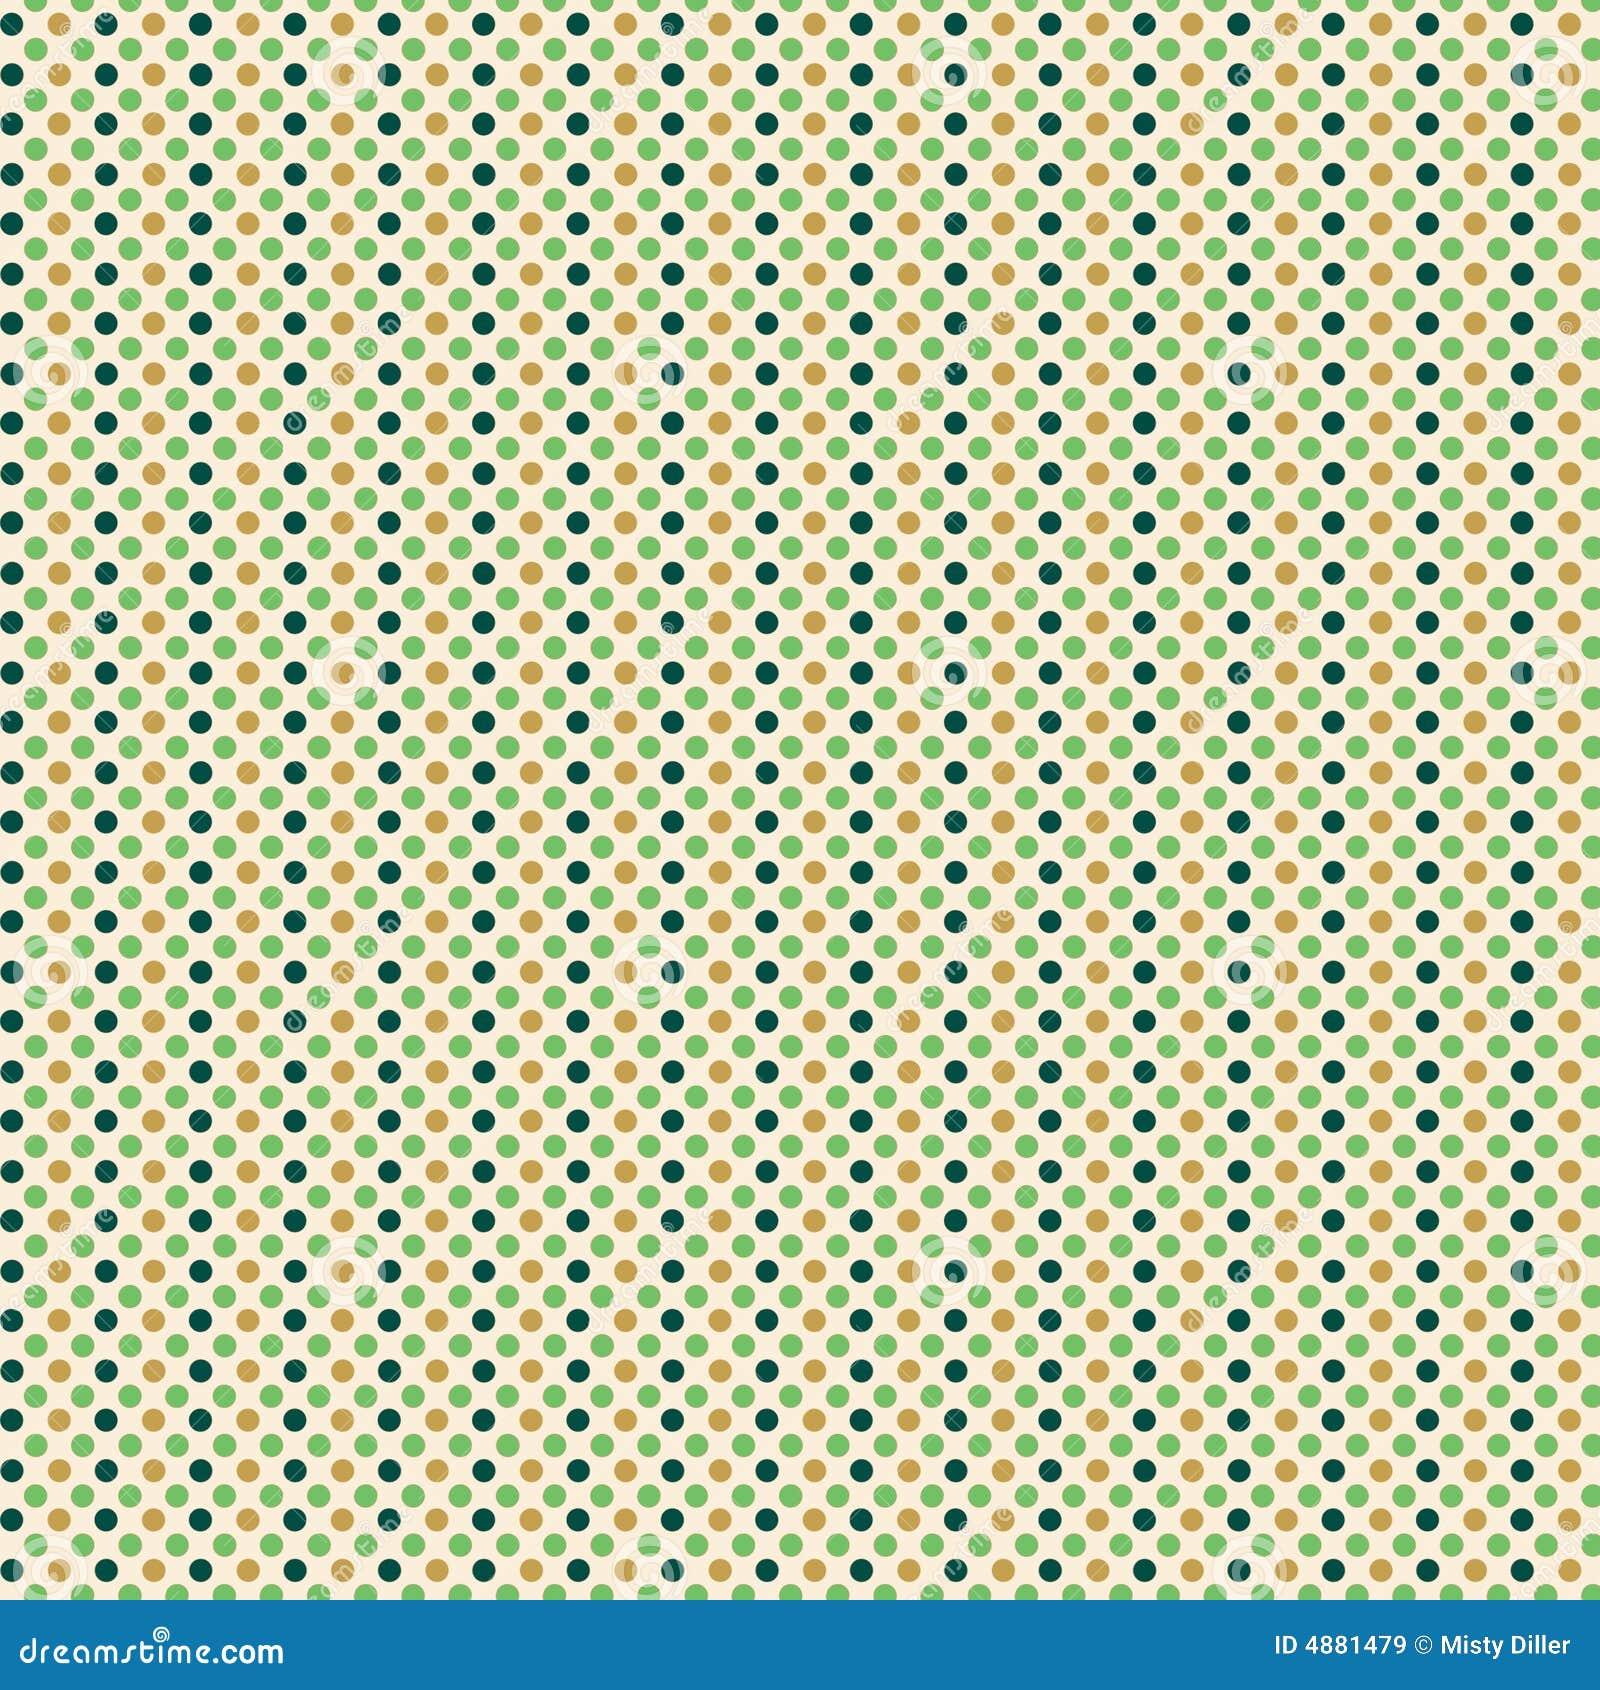 Retro Polka Dot Design